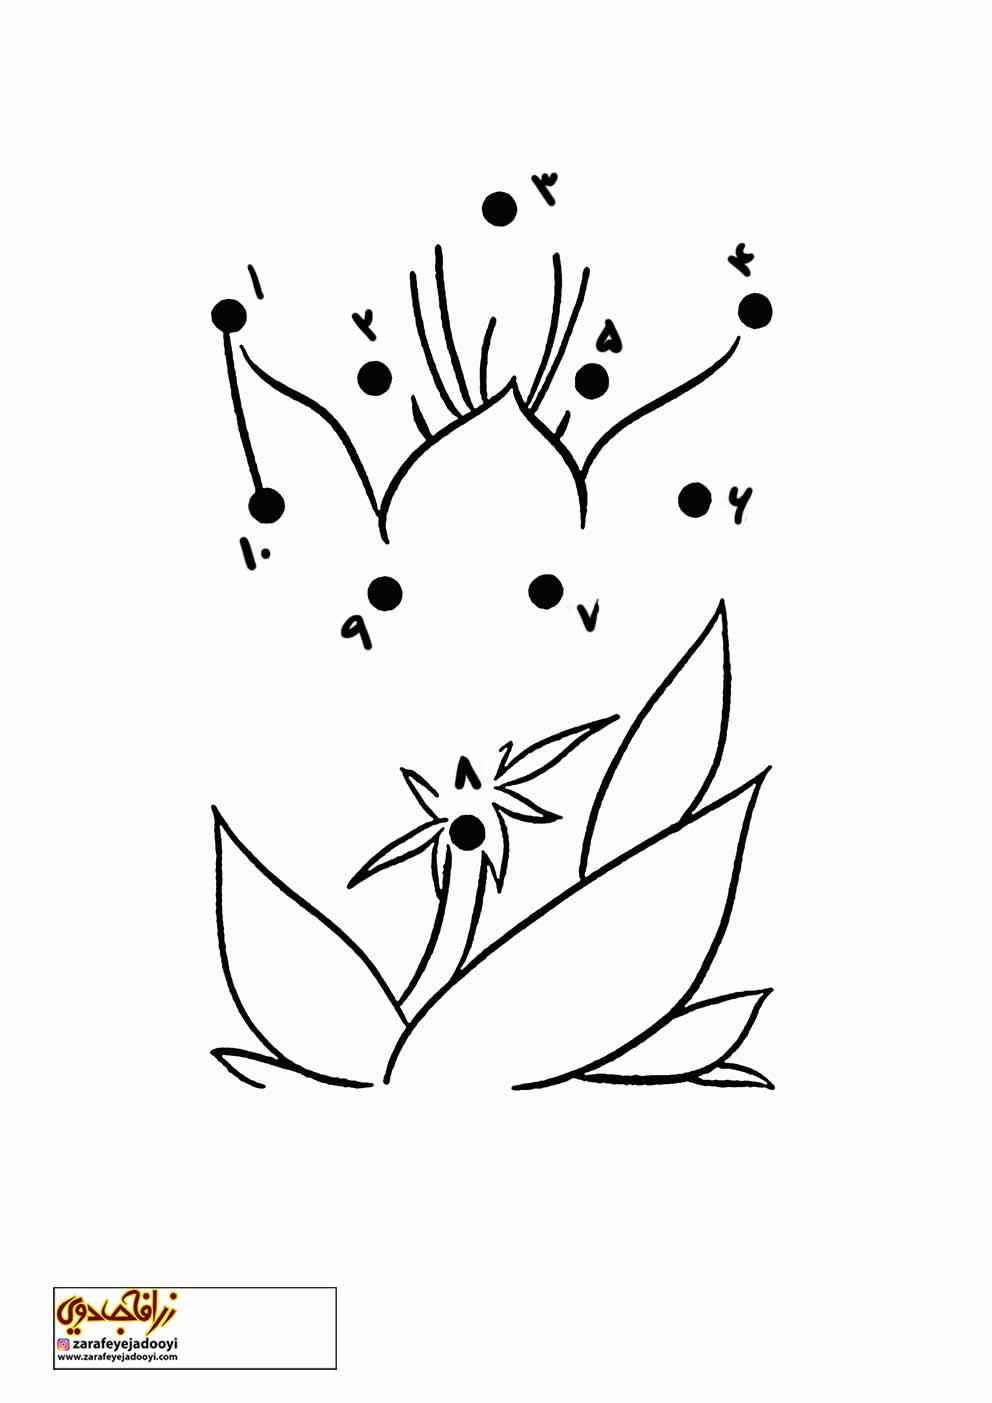 زرافه-جادویی-نقاشی-نقطه-به-نقطه-012